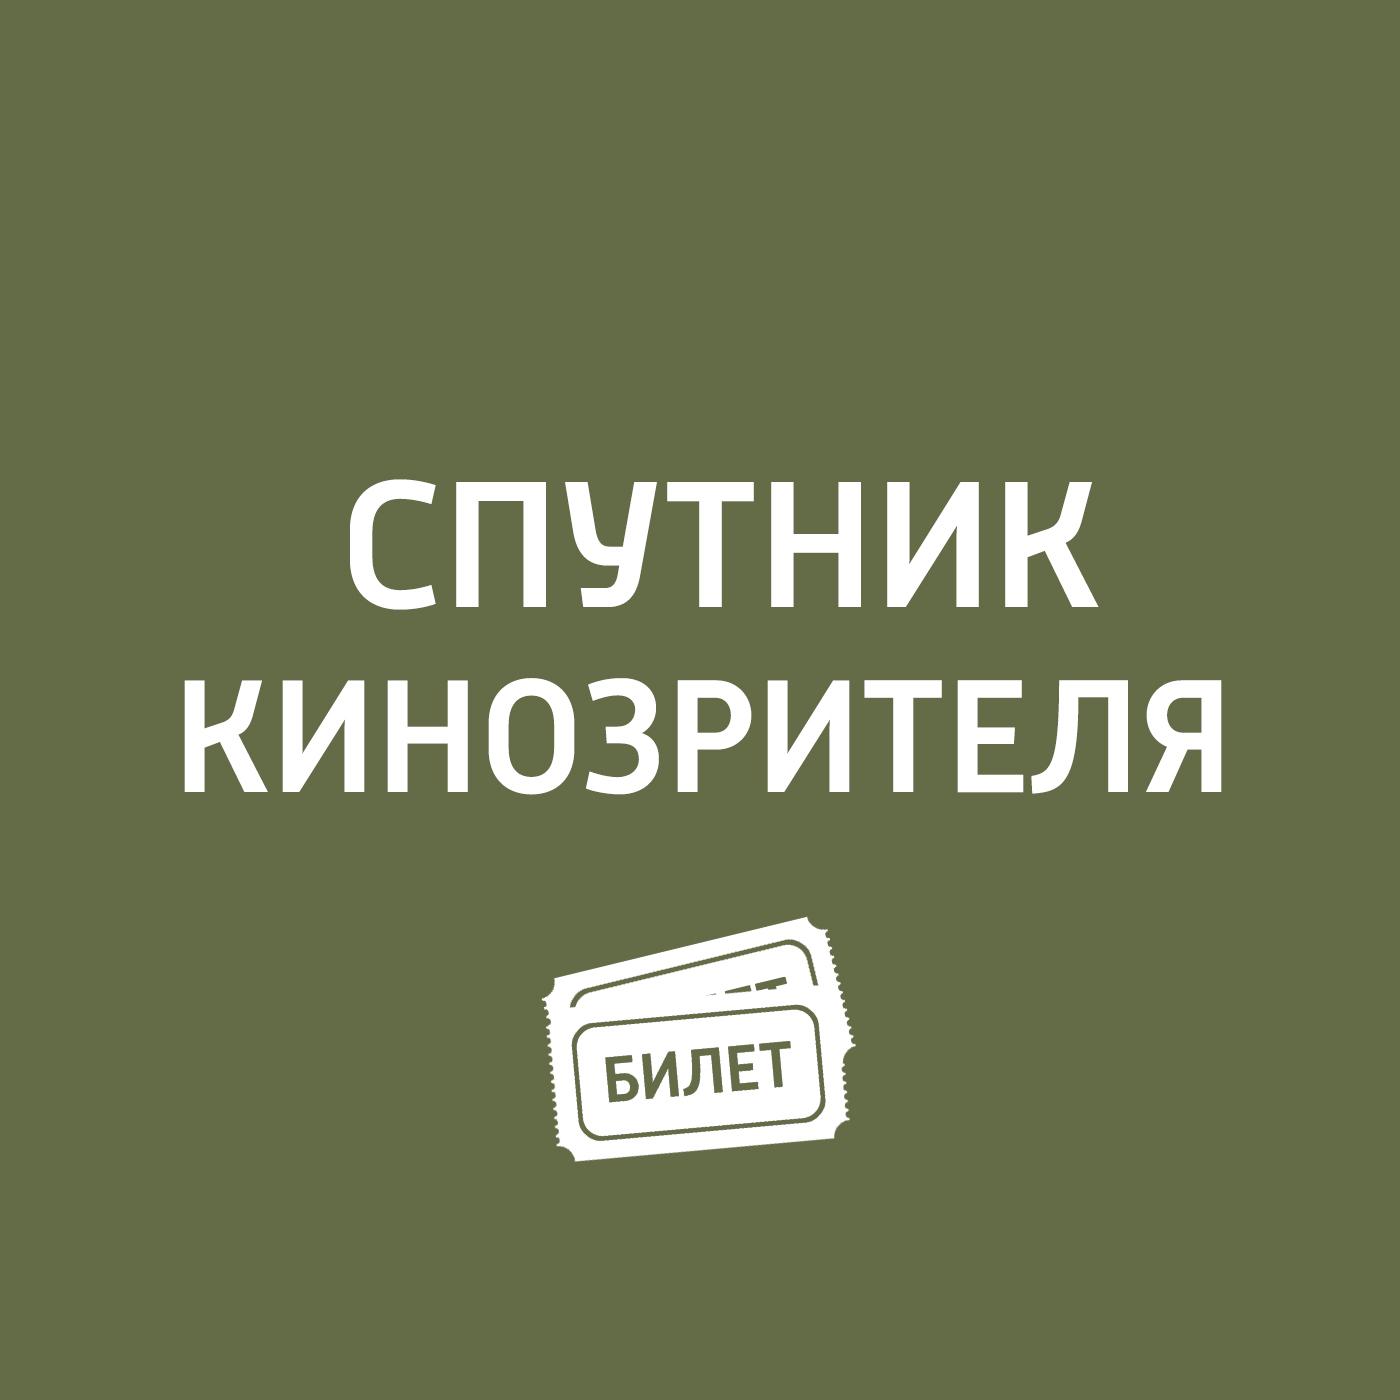 Антон Долин Премьеры с 31 мая: Красный воробей, Невидимый гость, Как разговаривать с девушками на вечеринках